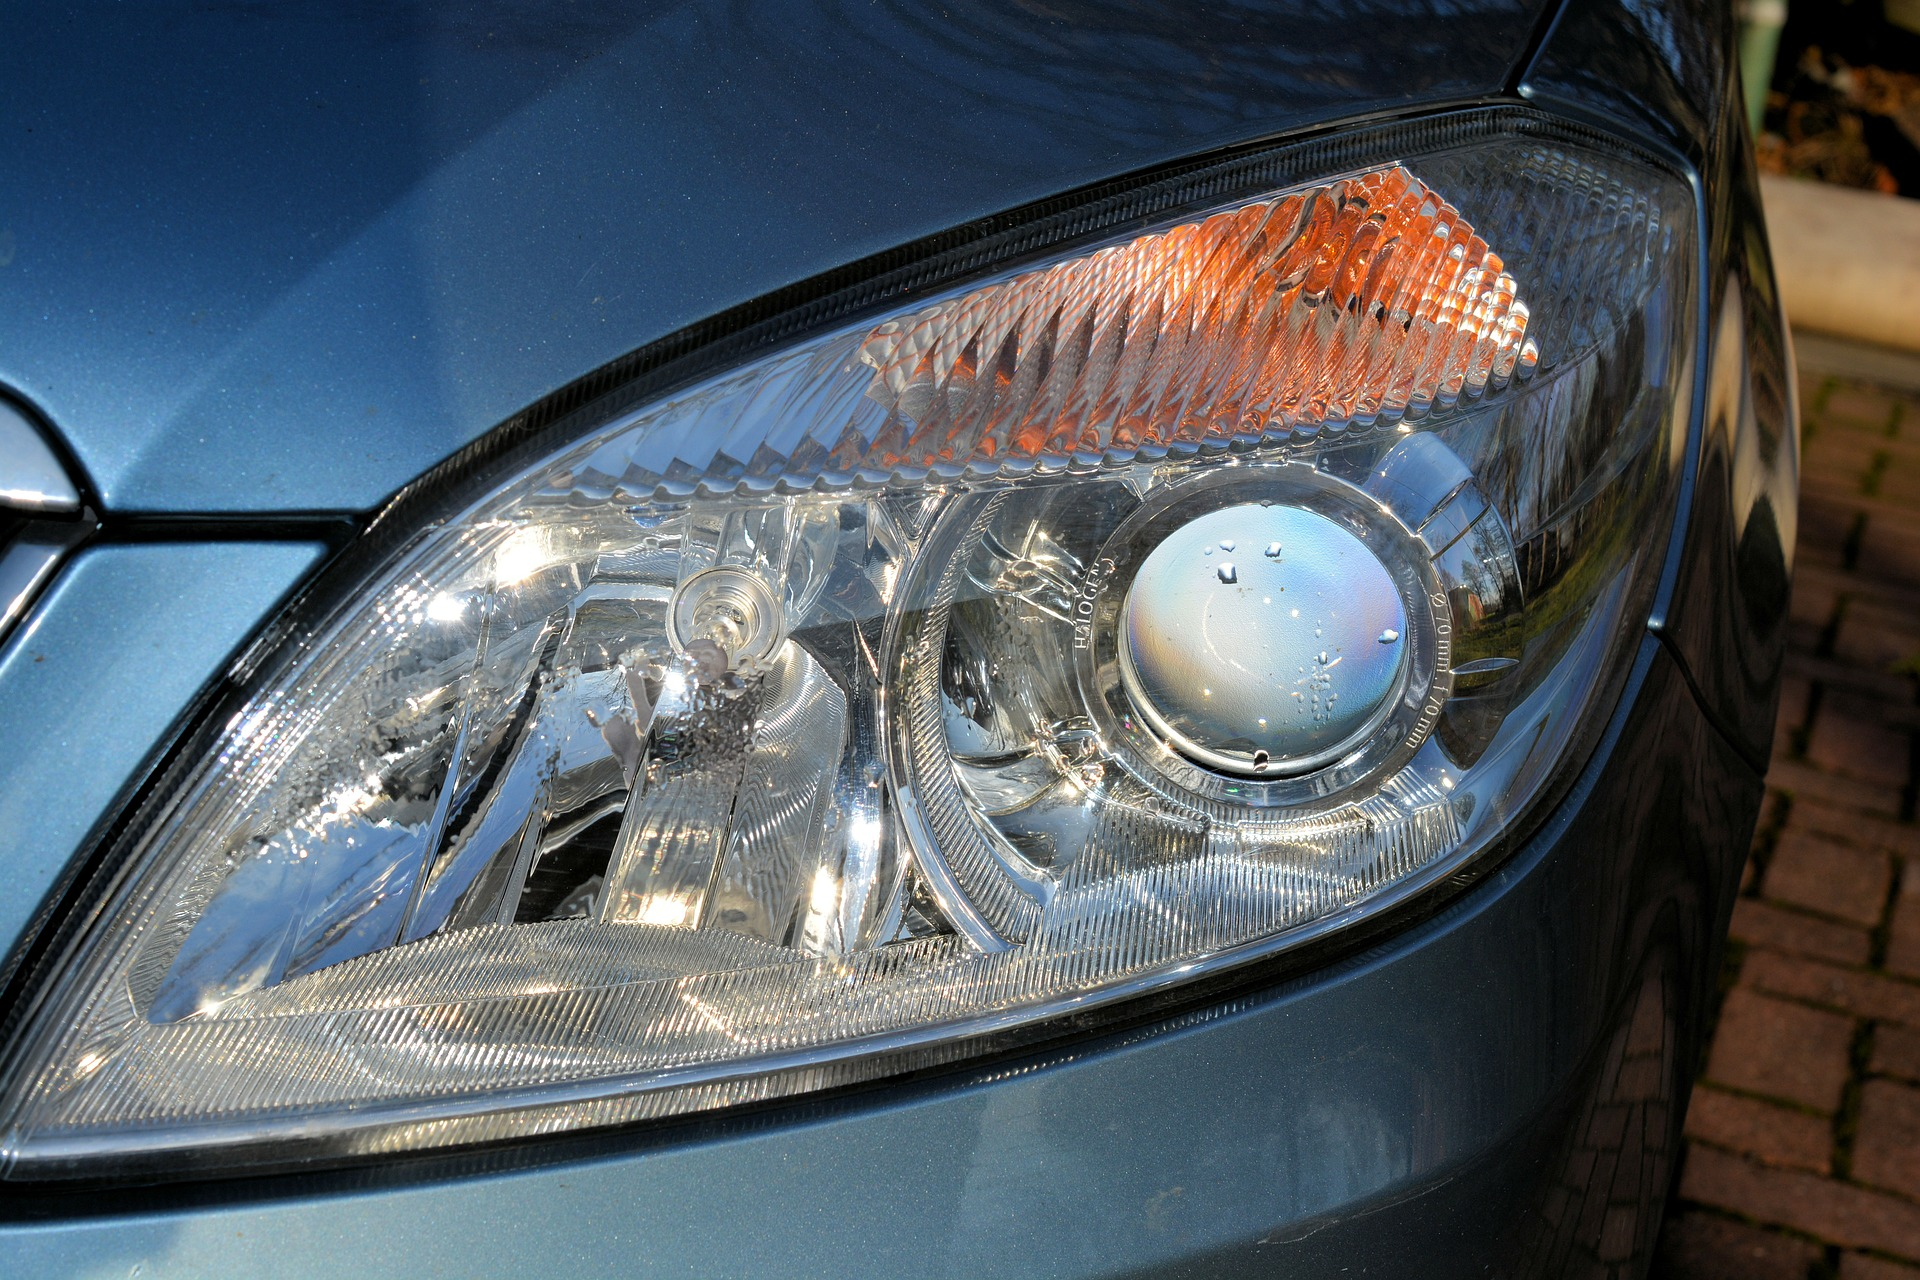 Luxmeter auch am Autolicht einsetzbar